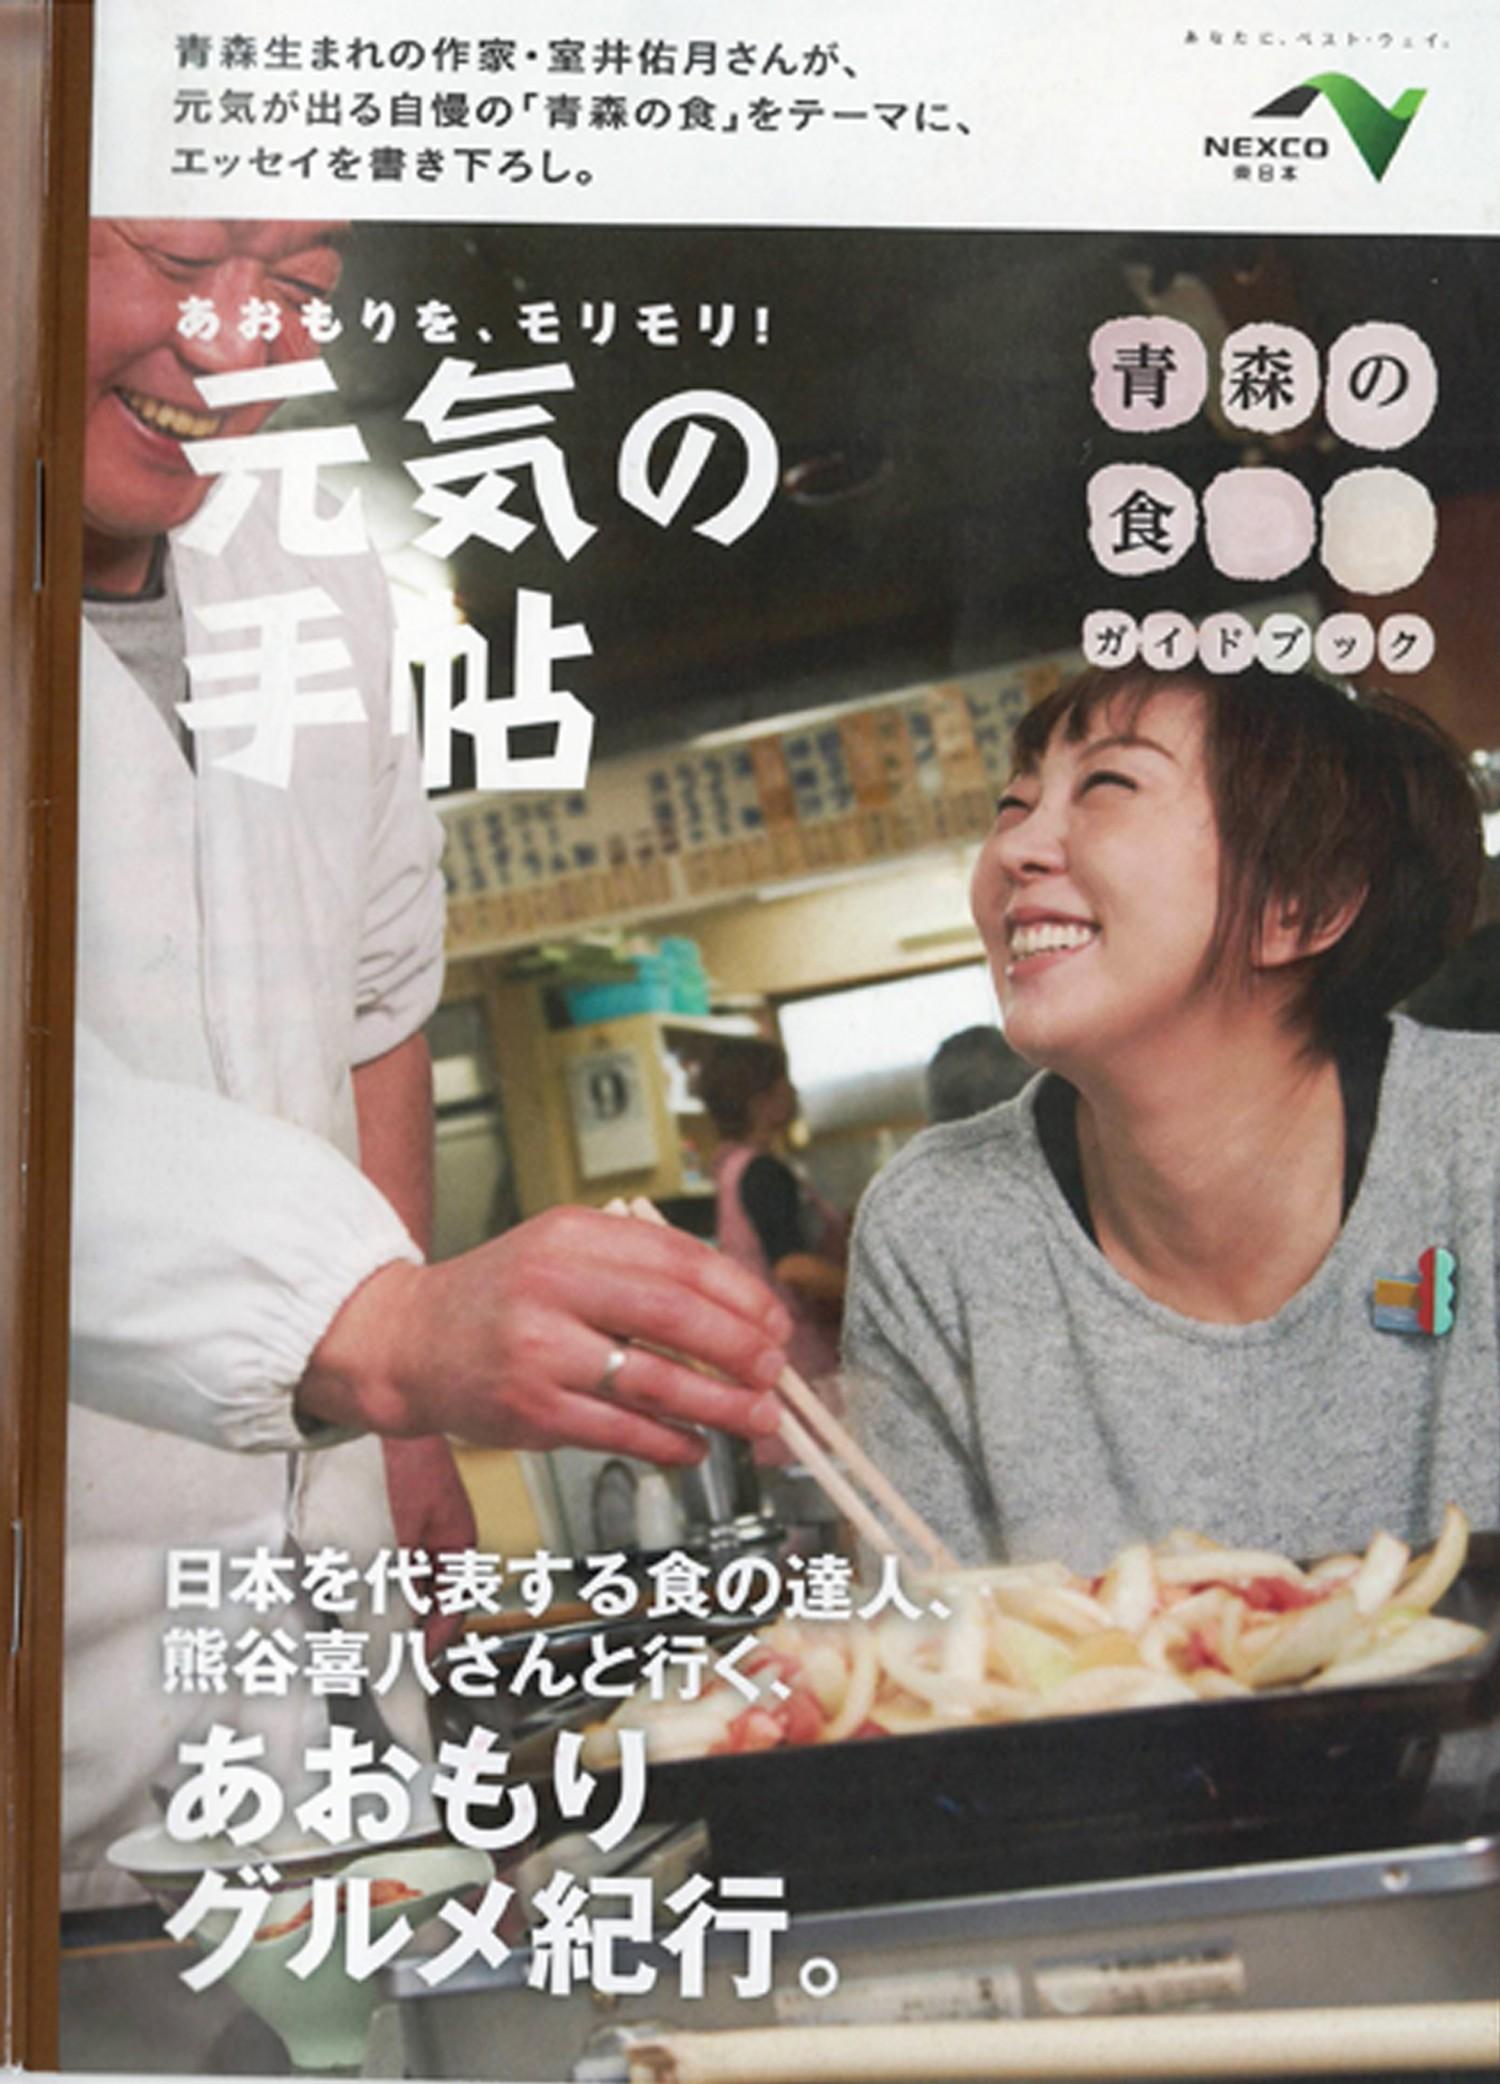 食の達人・ムッシュ「熊谷喜八」さんもおススメ! スチューベン